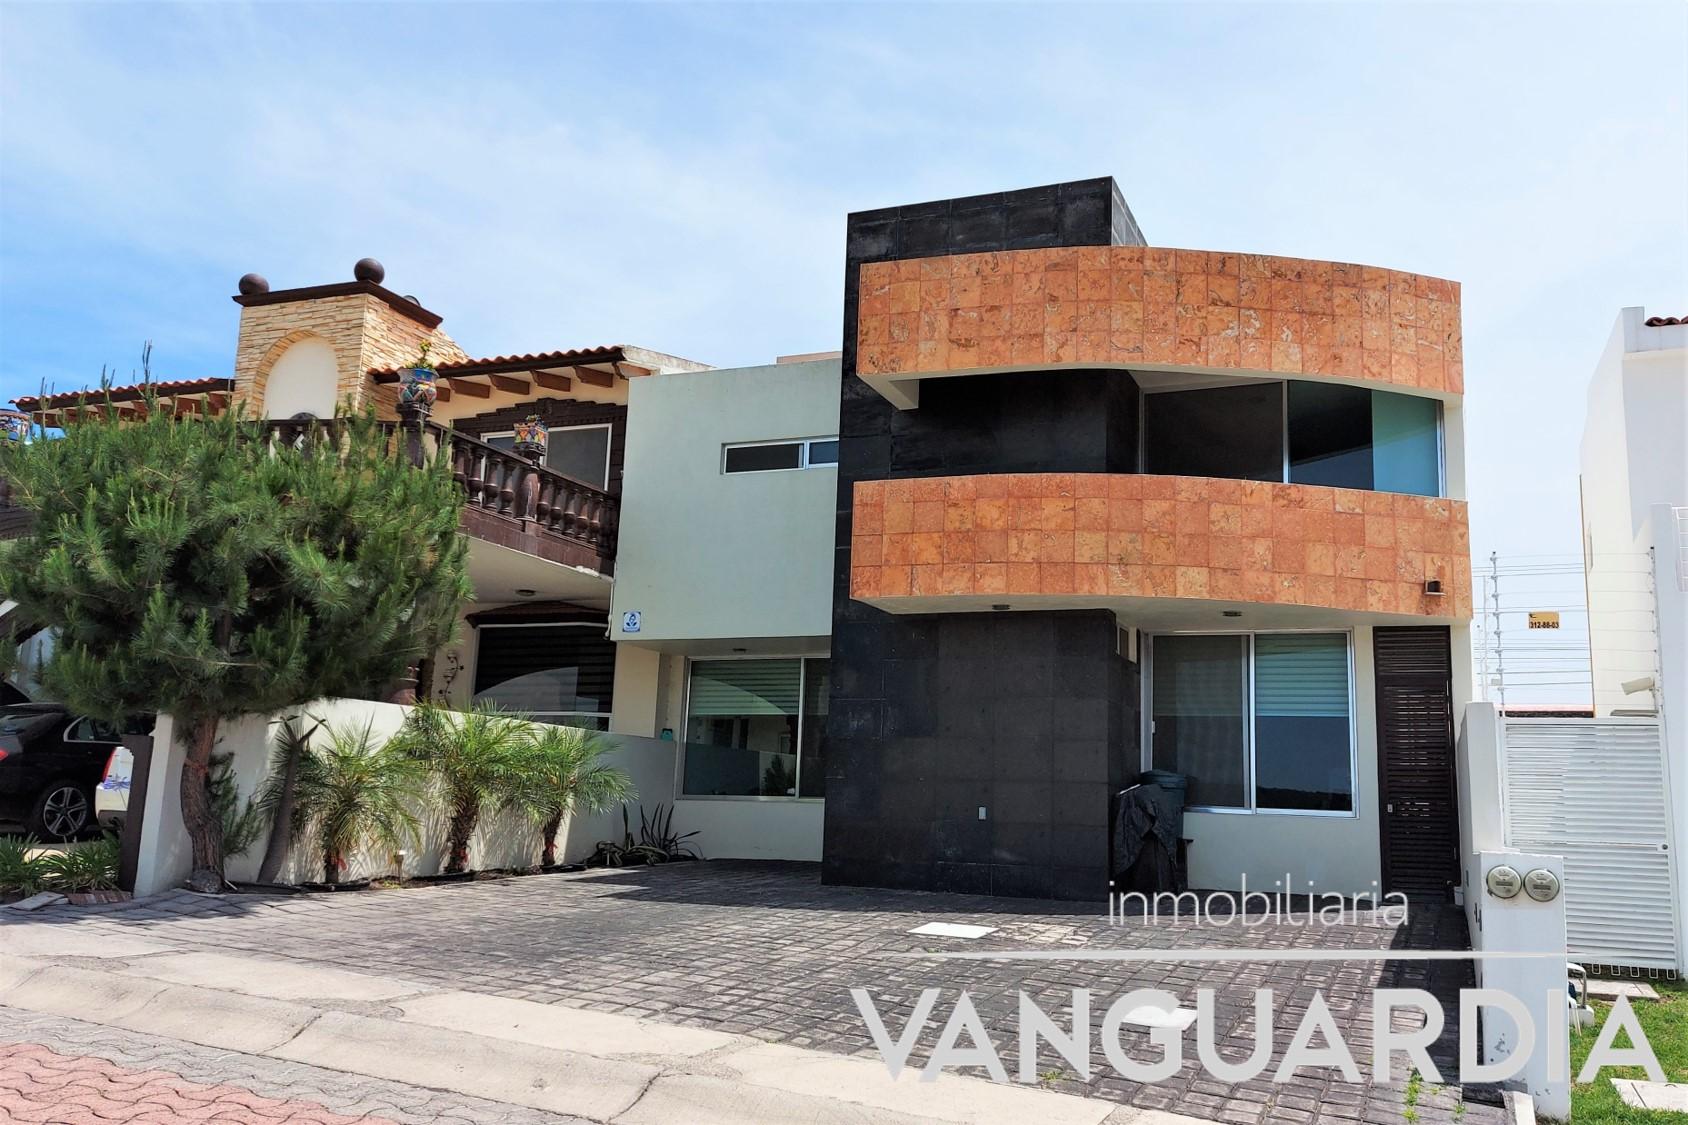 Casa en venta con recamára en PB y amplio jardín.– Querétaro   Cumbres Del Cimatario